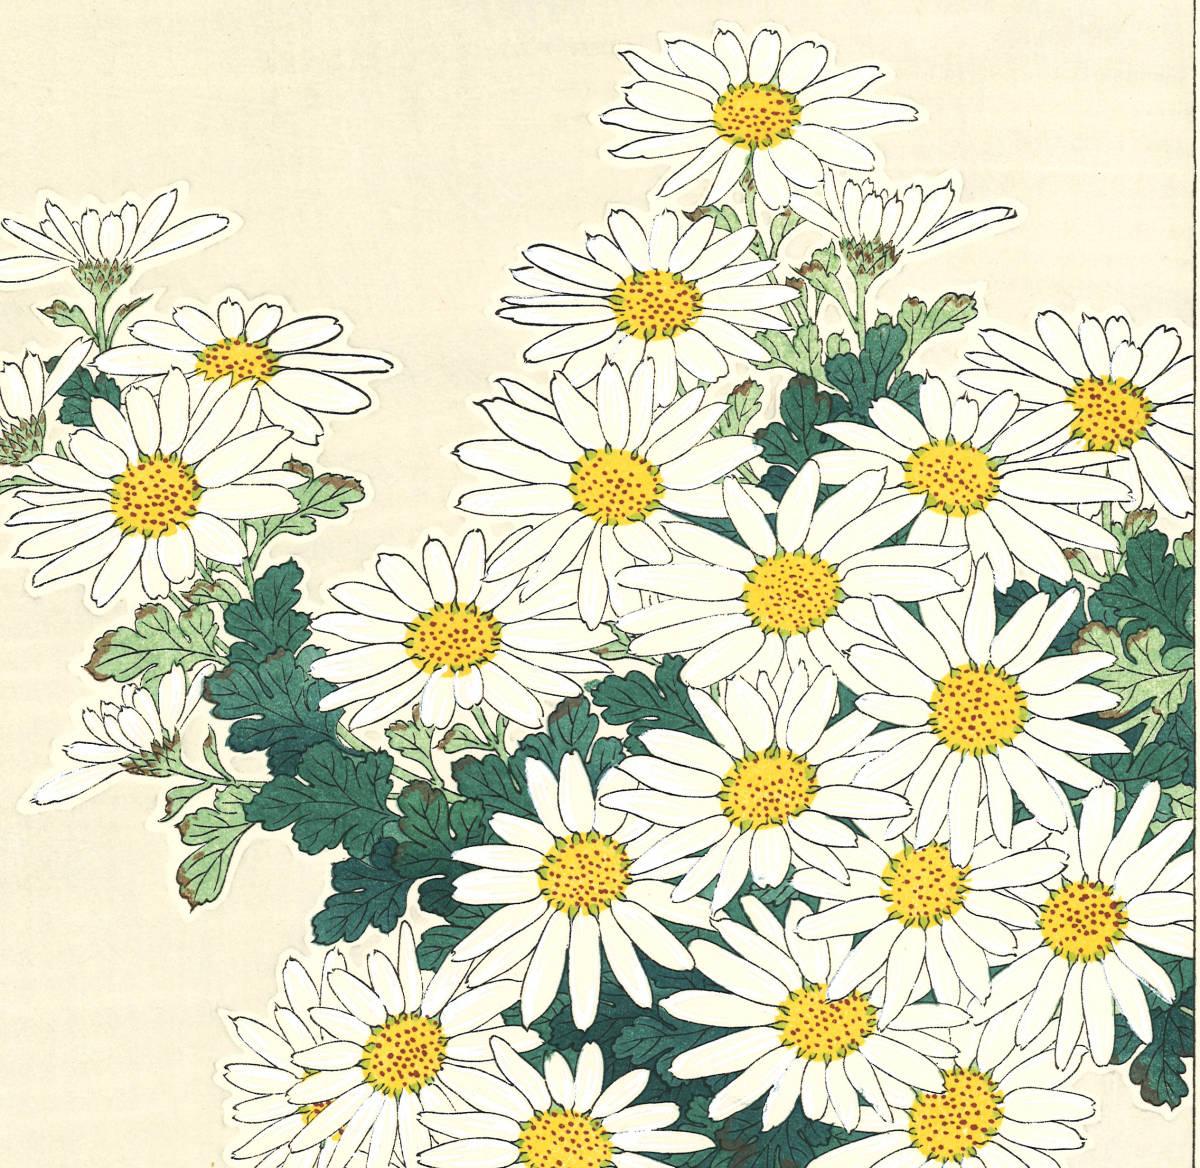 河原崎奨堂 (Kawarazaki Shodo) (1899~1973)木版画 F037 菊 花版画(Chrysanthemum)初版昭和初期~京都の一流の摺師の技をご堪能下さい。_画像9